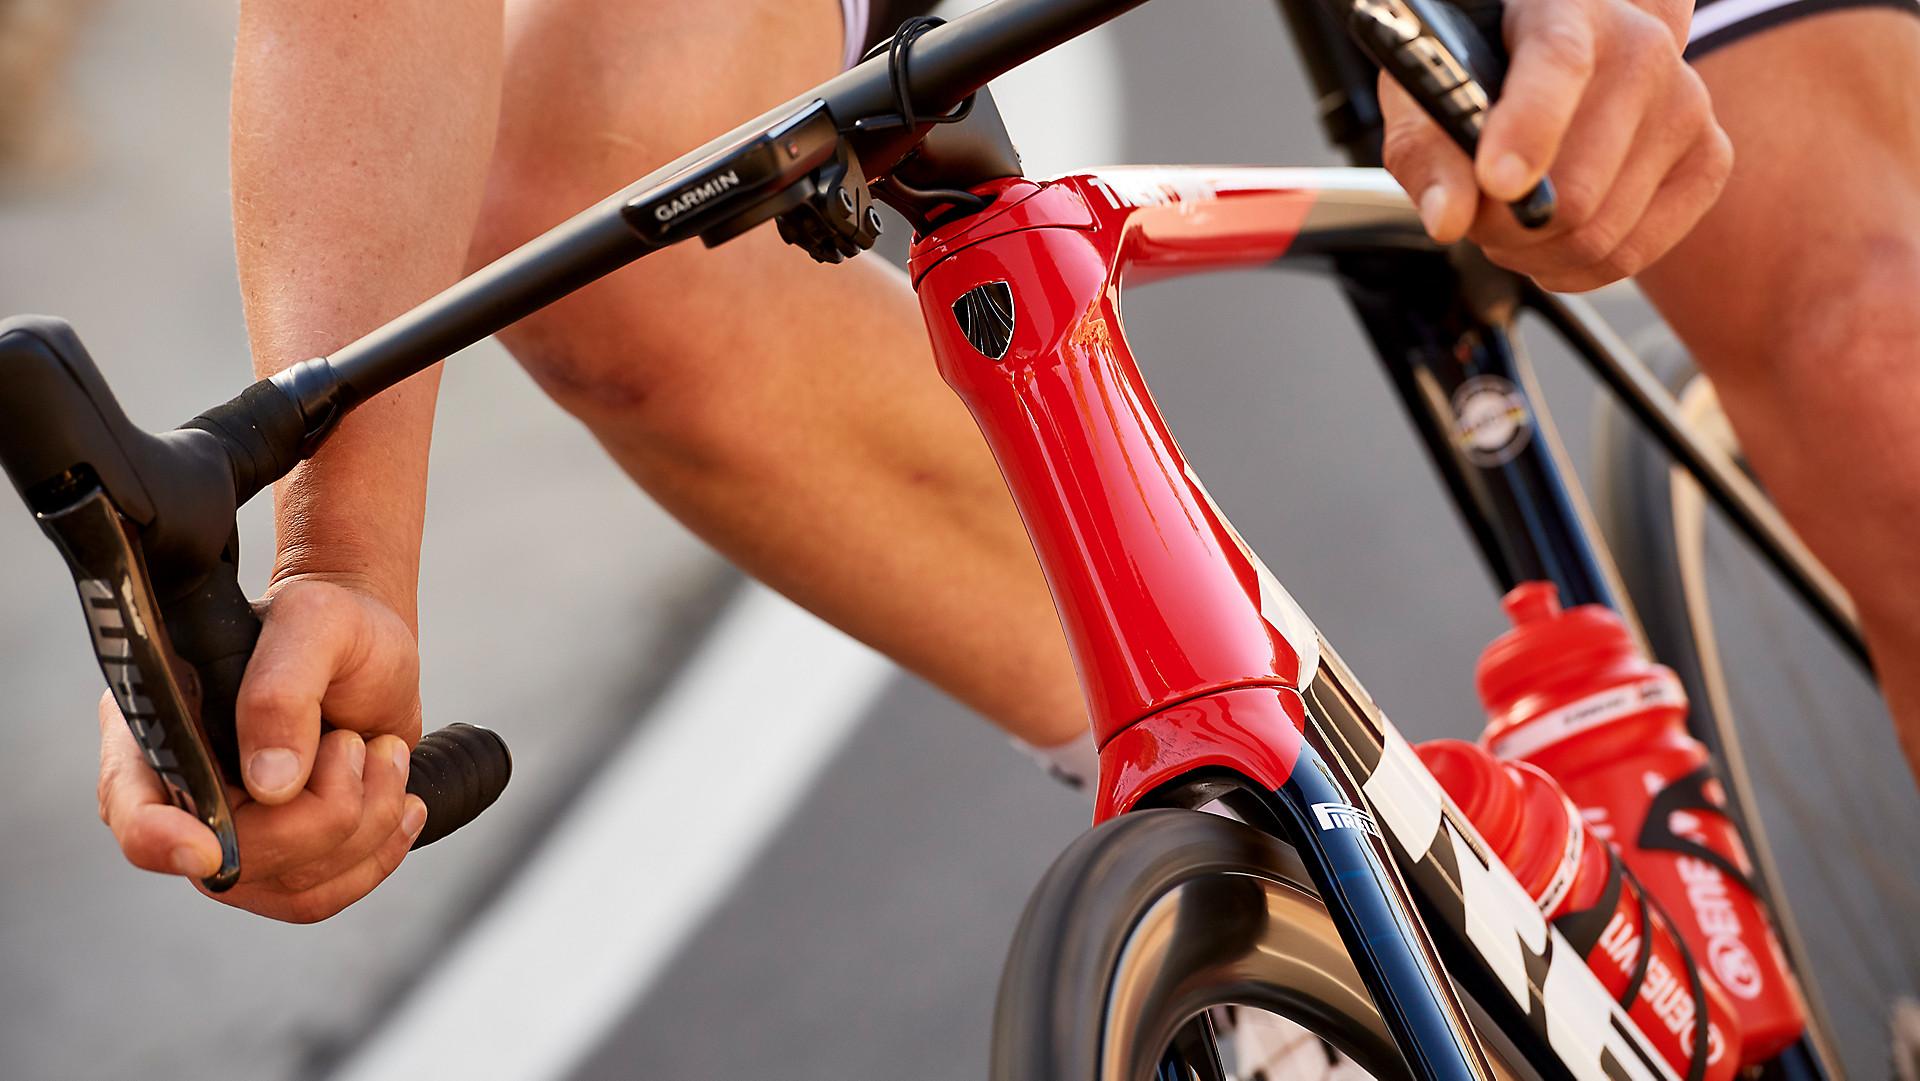 Bicicletas Trek - Las mejores bicicletas y el mejor equipamiento ...Cuál es el mejor grupo eléctronico